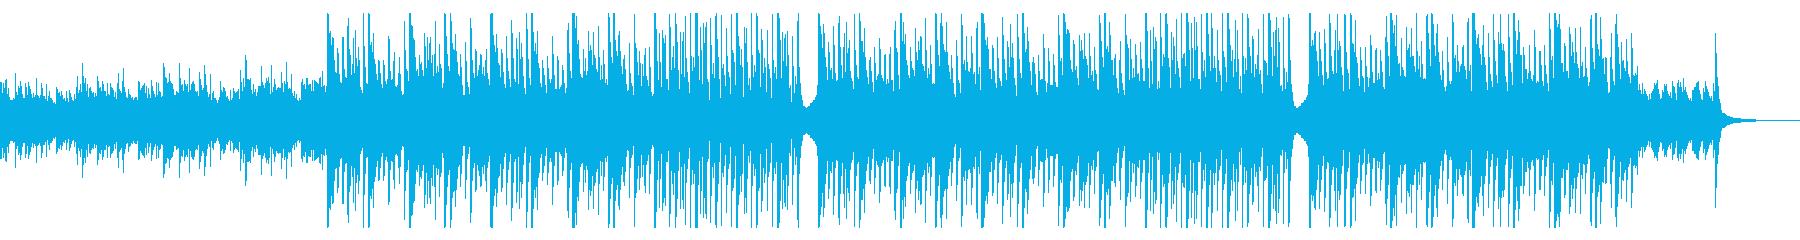 プロモーション・爽やか・流通・未来の再生済みの波形